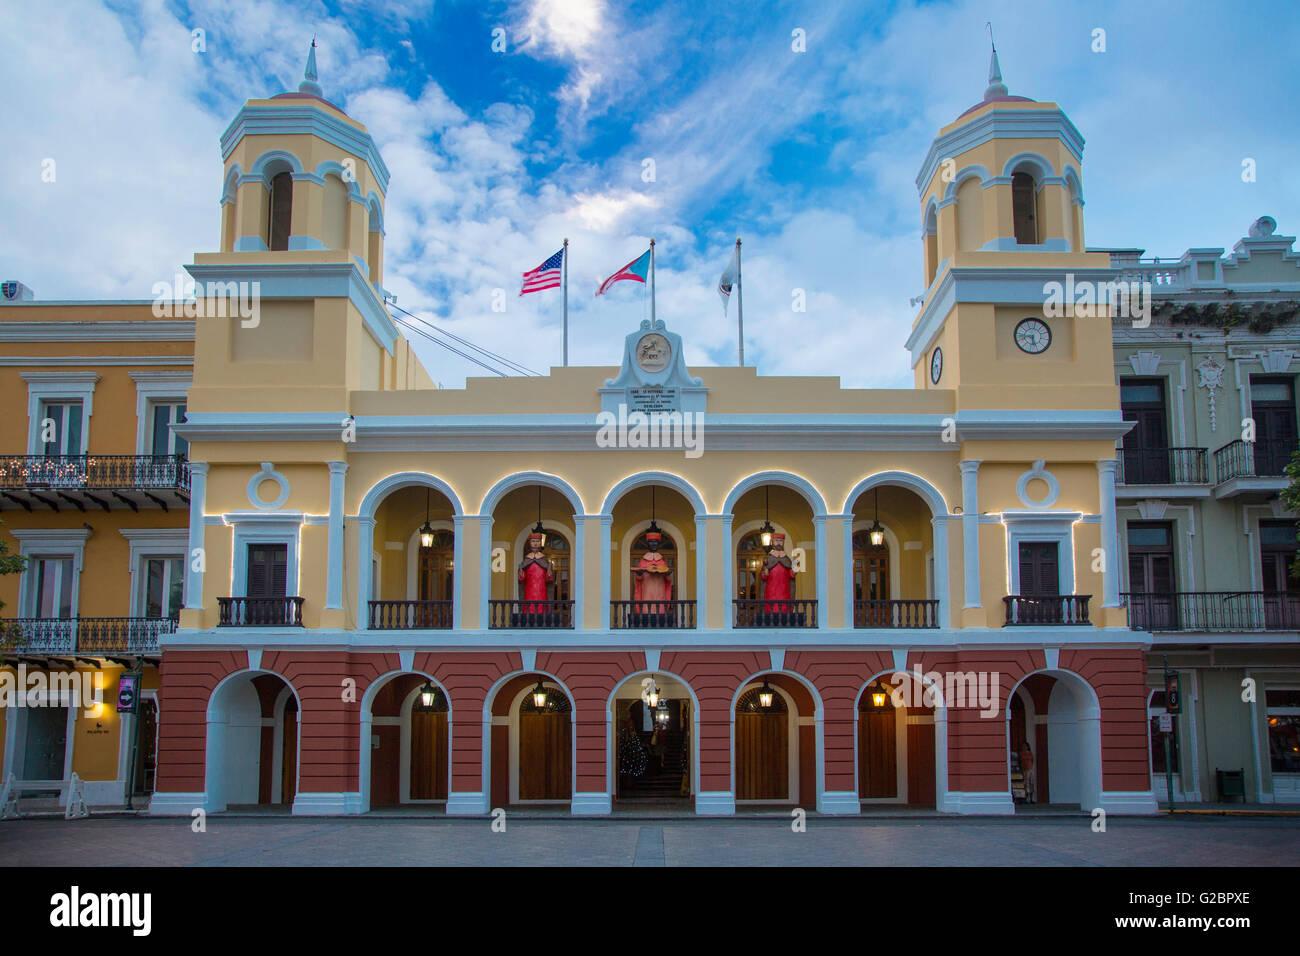 Edificio del Ayuntamiento en la Plaza de Armas, San Juan, Puerto Rico Imagen De Stock